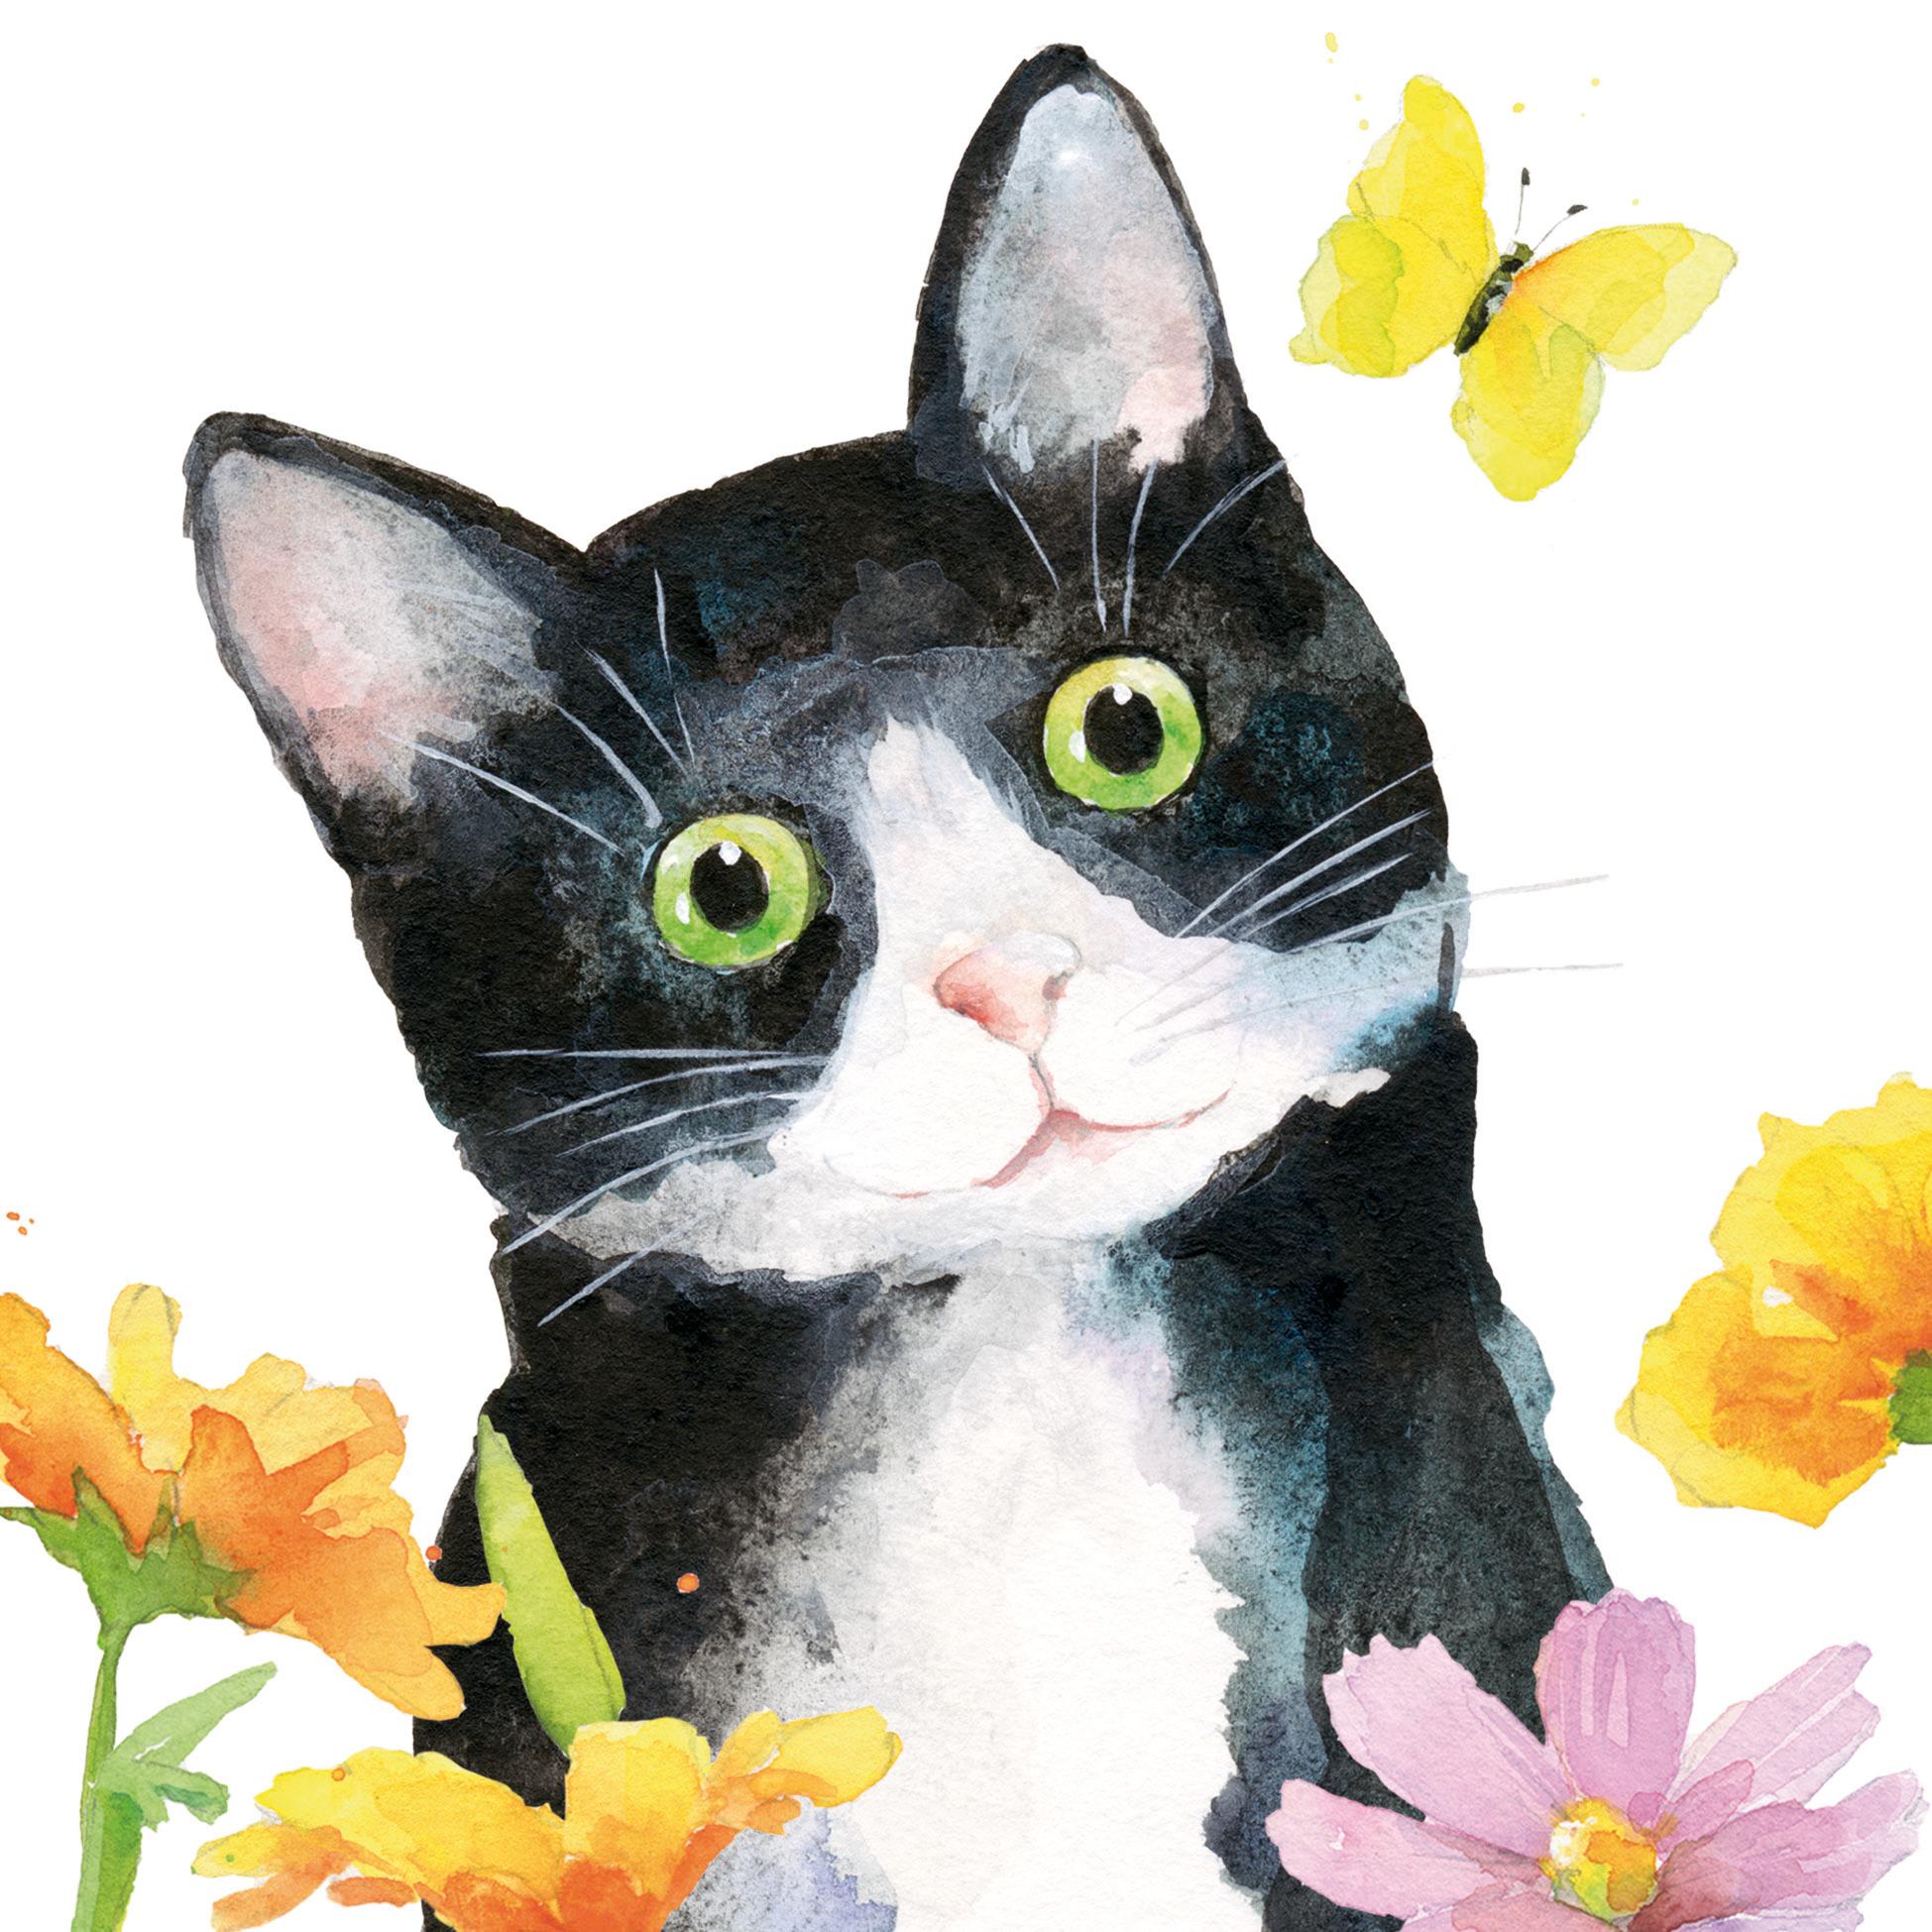 Katze_+_Blüten